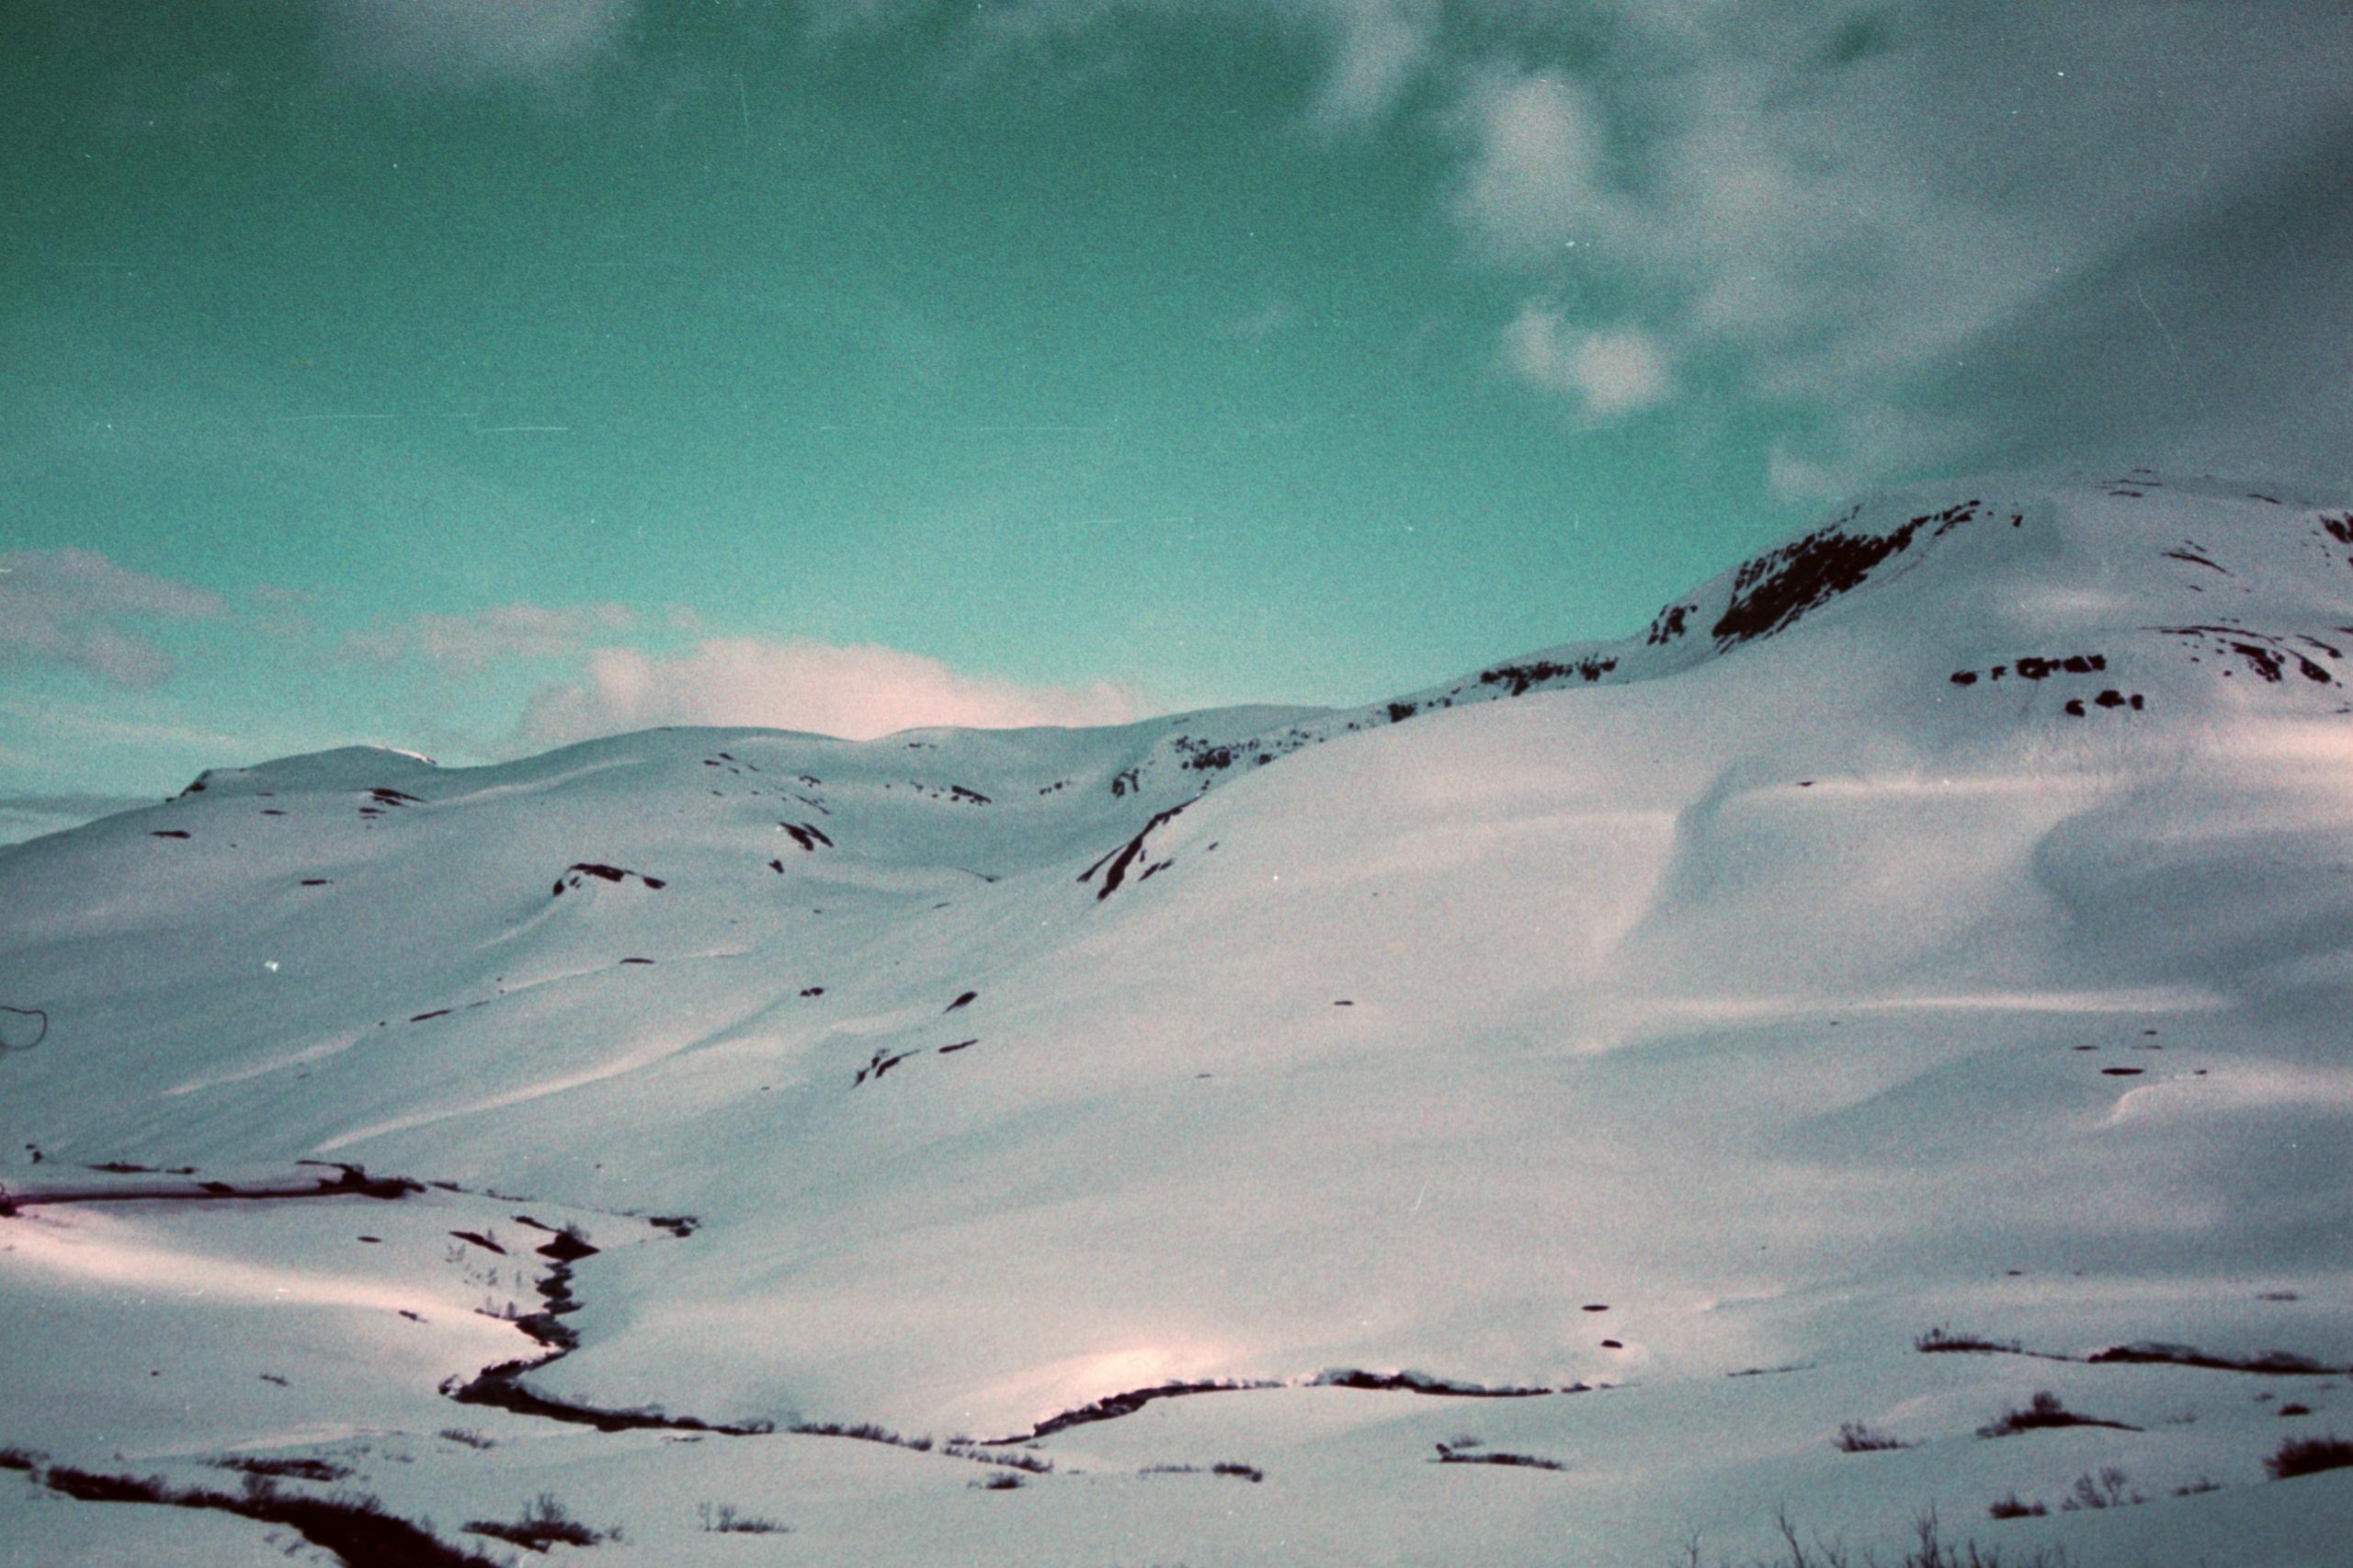 Montagne - 1, photographer, photo - acidecabine | ello